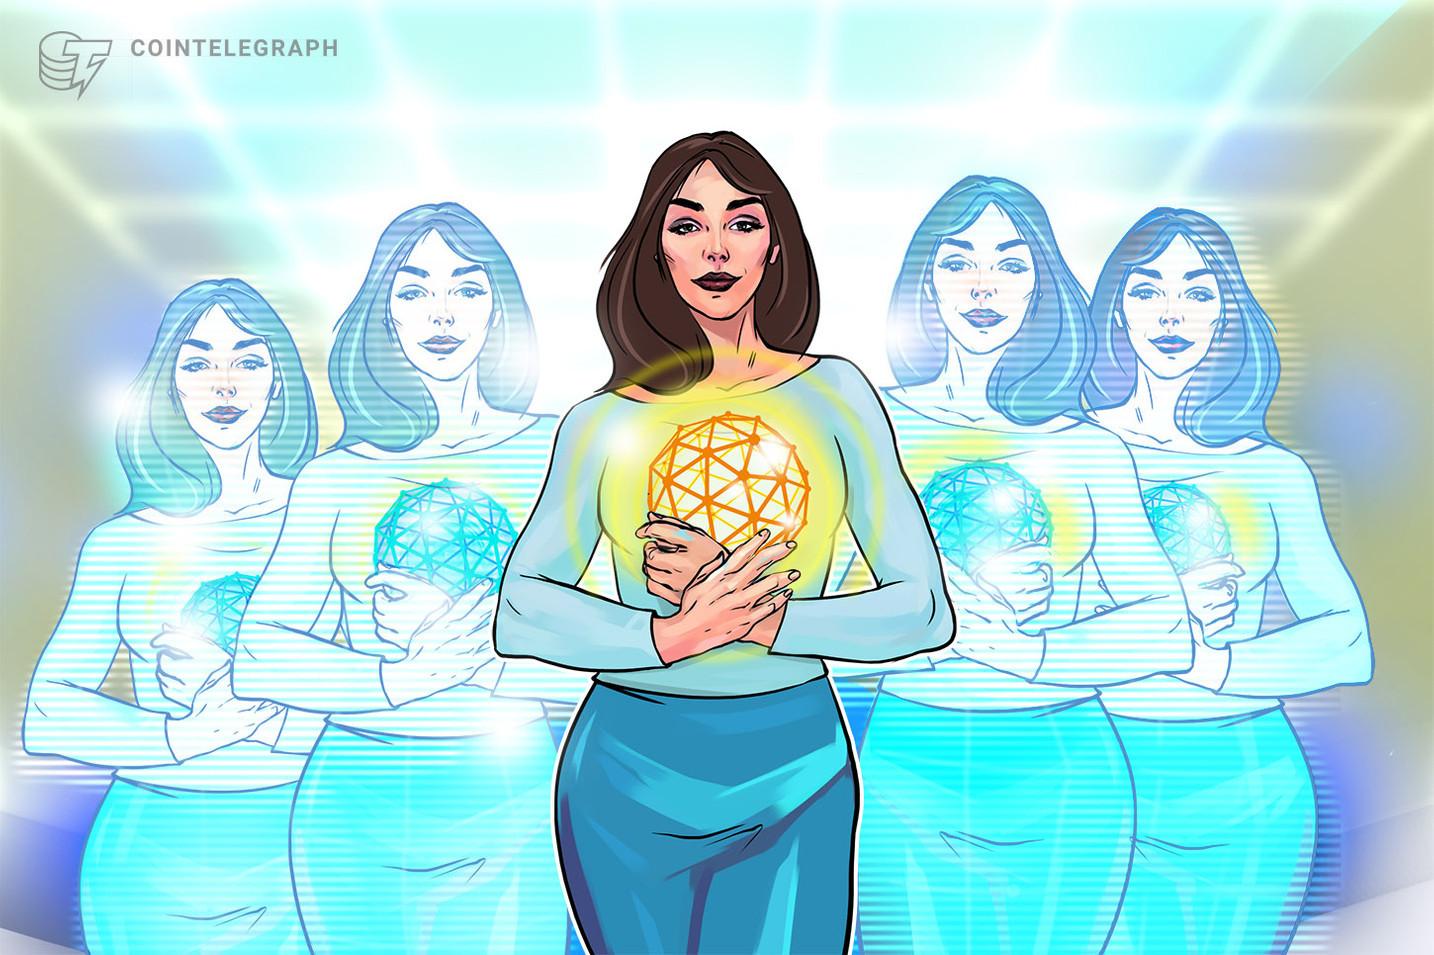 Semana Internacional da Mulher no Cointelegraph: lives e conteúdos exclusivos com as maiores vozes femininas das criptomoedas